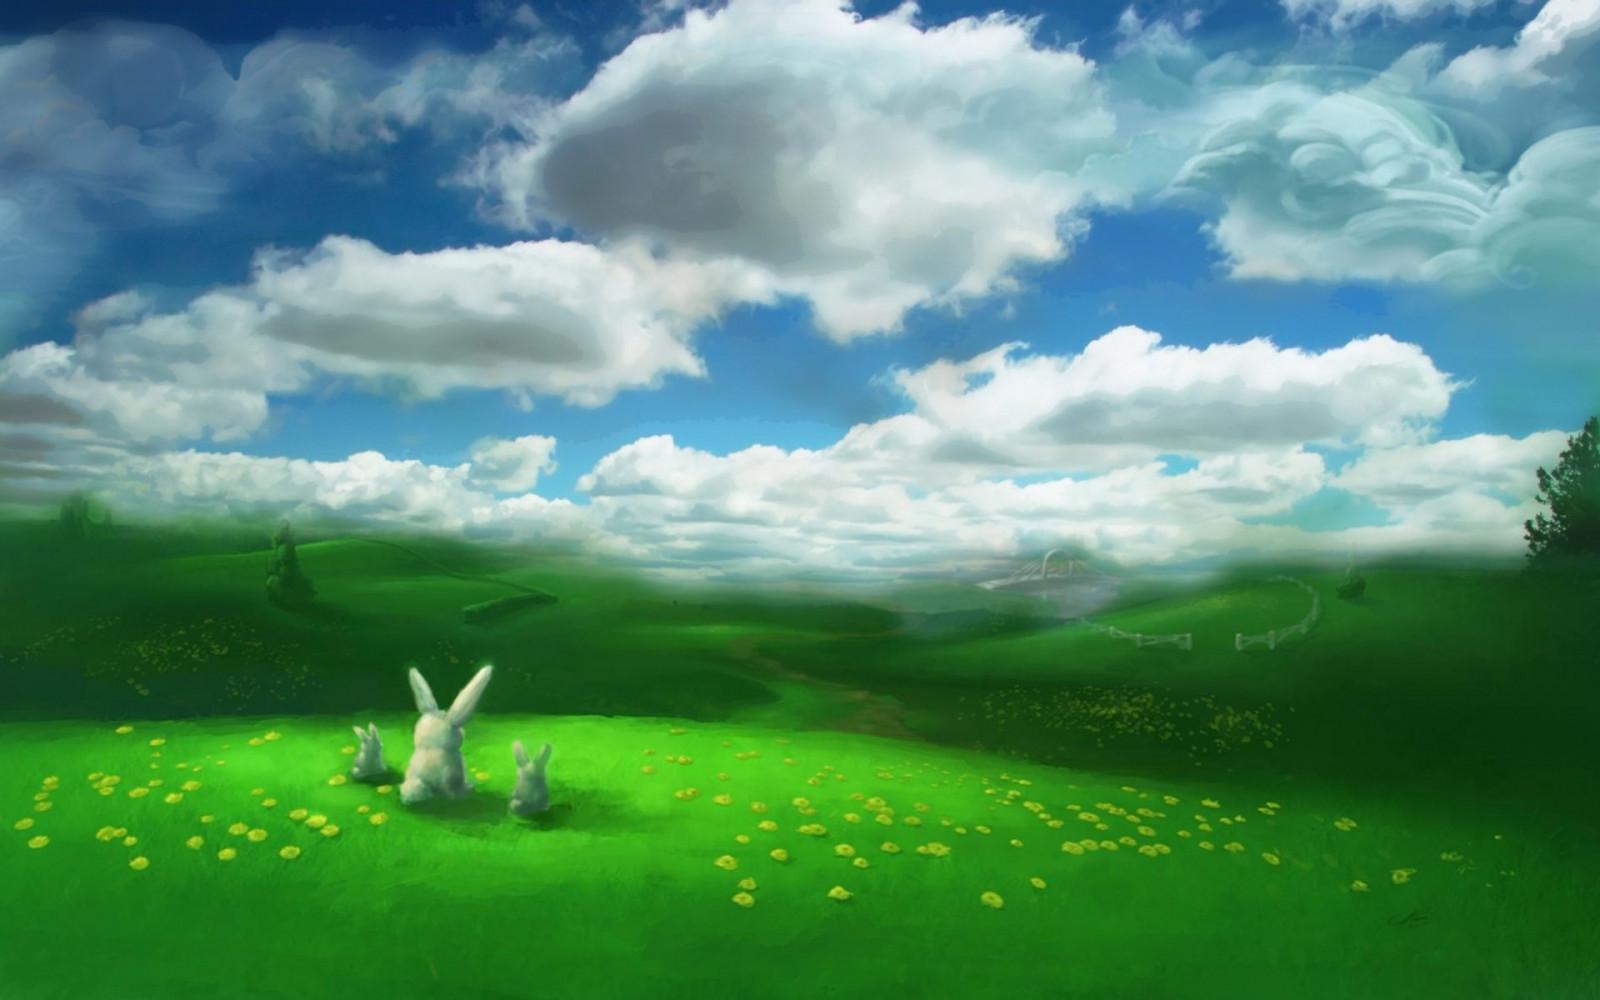 рецепты картинки красивые сказочные небо огромным энтузиазмом